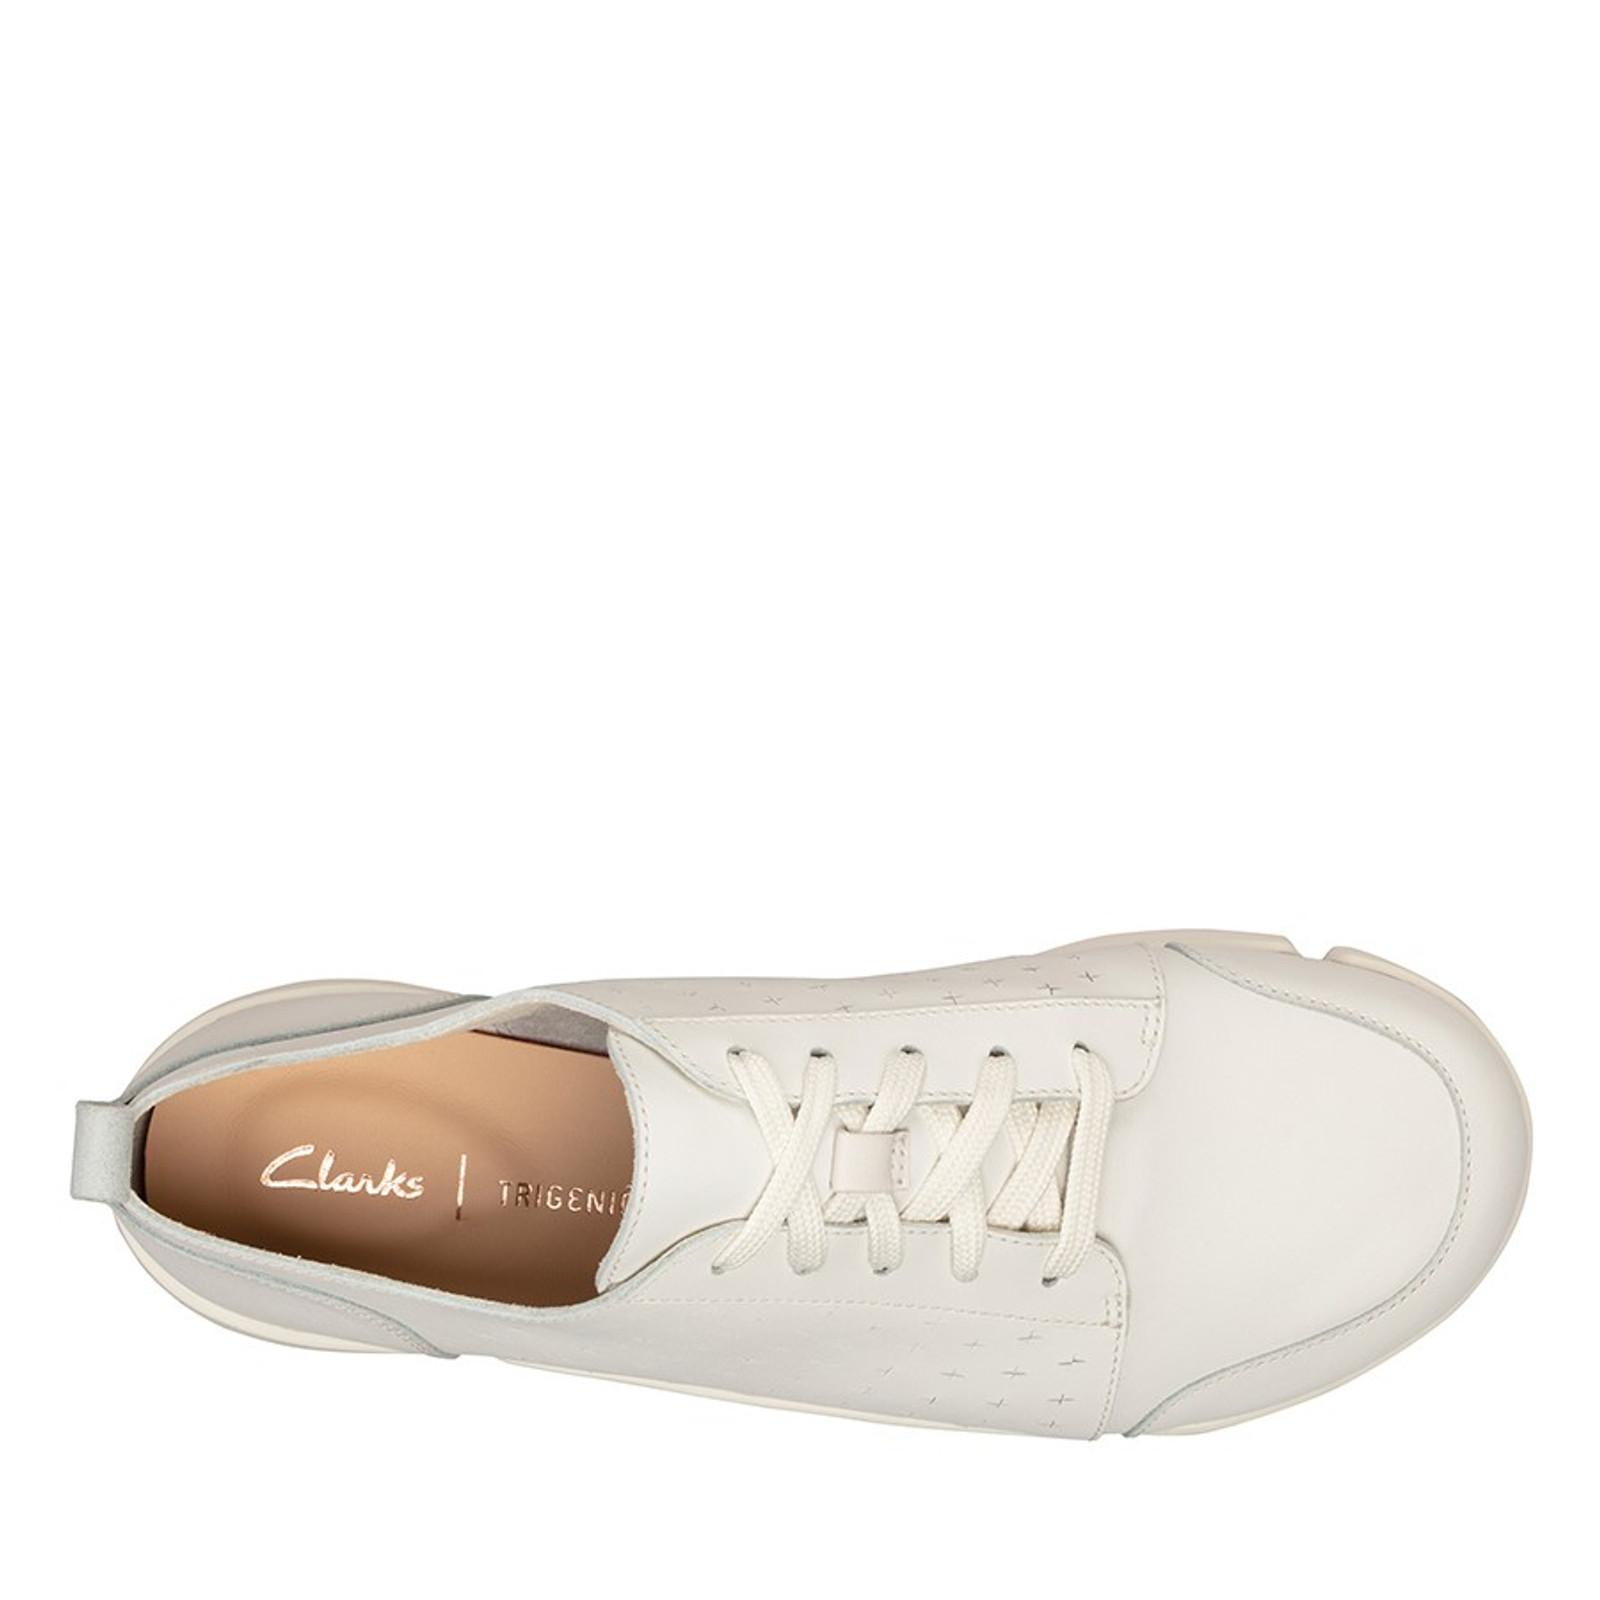 Clarks Womens TRIAMELIA EDGE White Leather